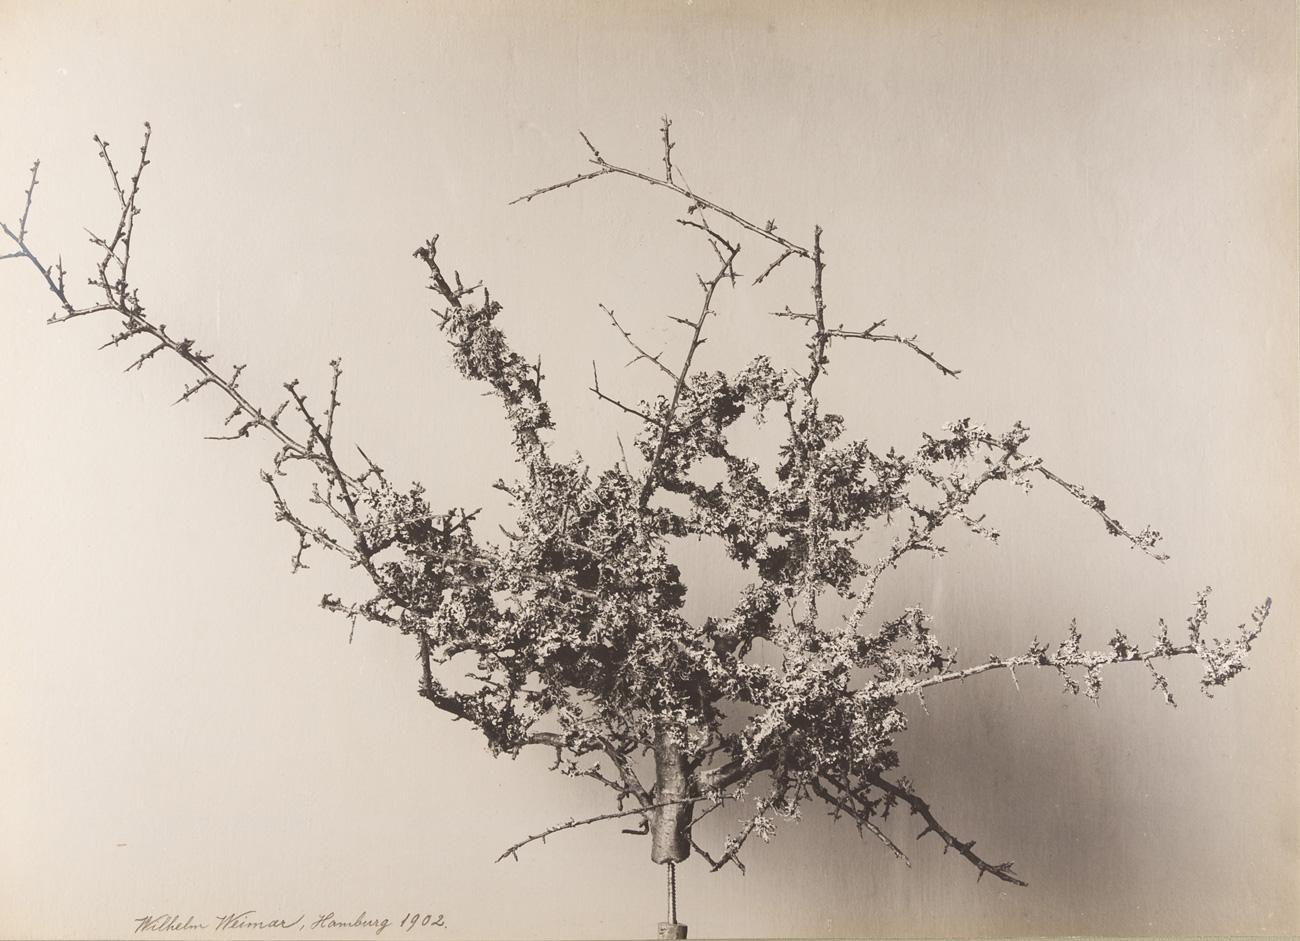 Schleedorn mit Flechten bewachsen, Hamburg, 1902 Silbergelatine-Abzug, 35,3 x 48,4 cm